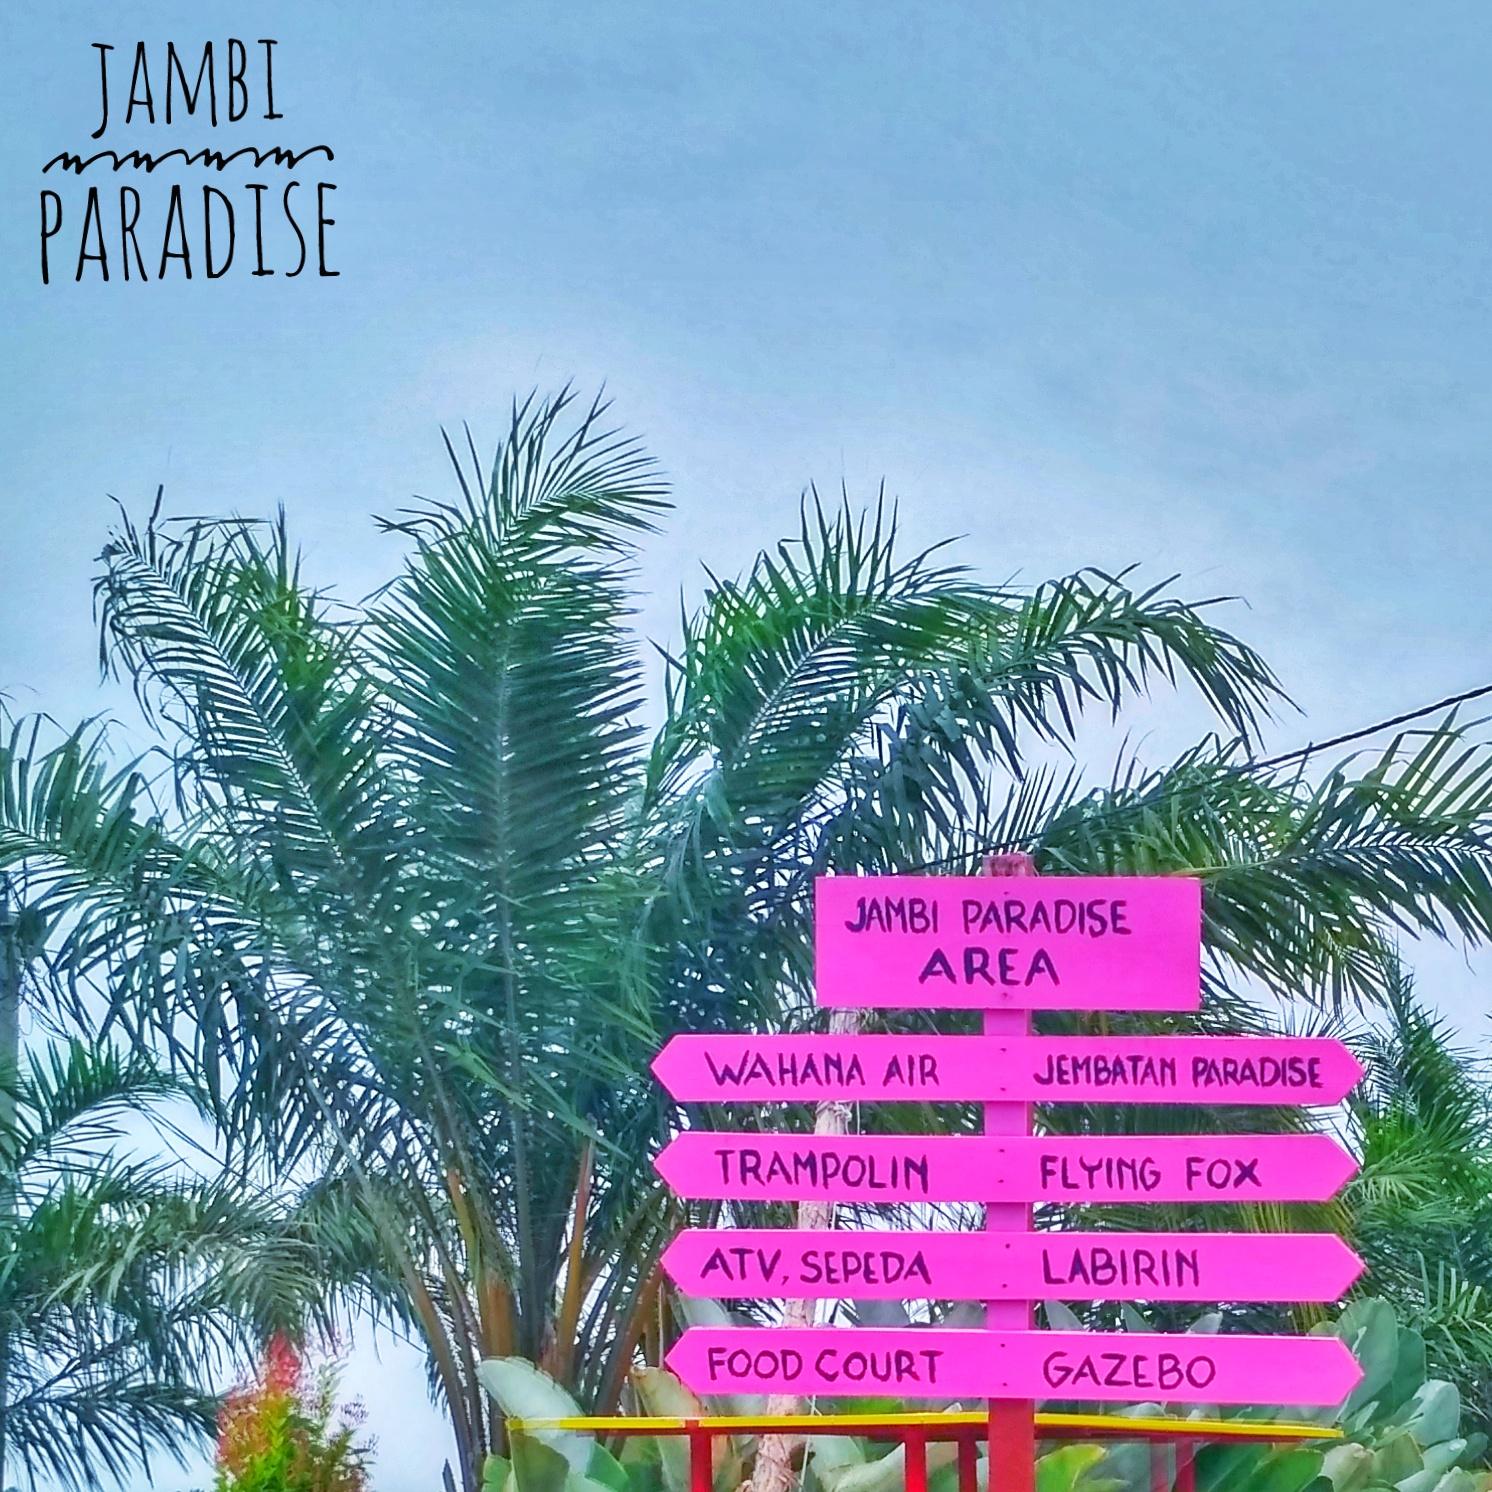 Jambi Paradise 18 Kegiatan Bisa Kamu Lakukan Surganya Kota Aja